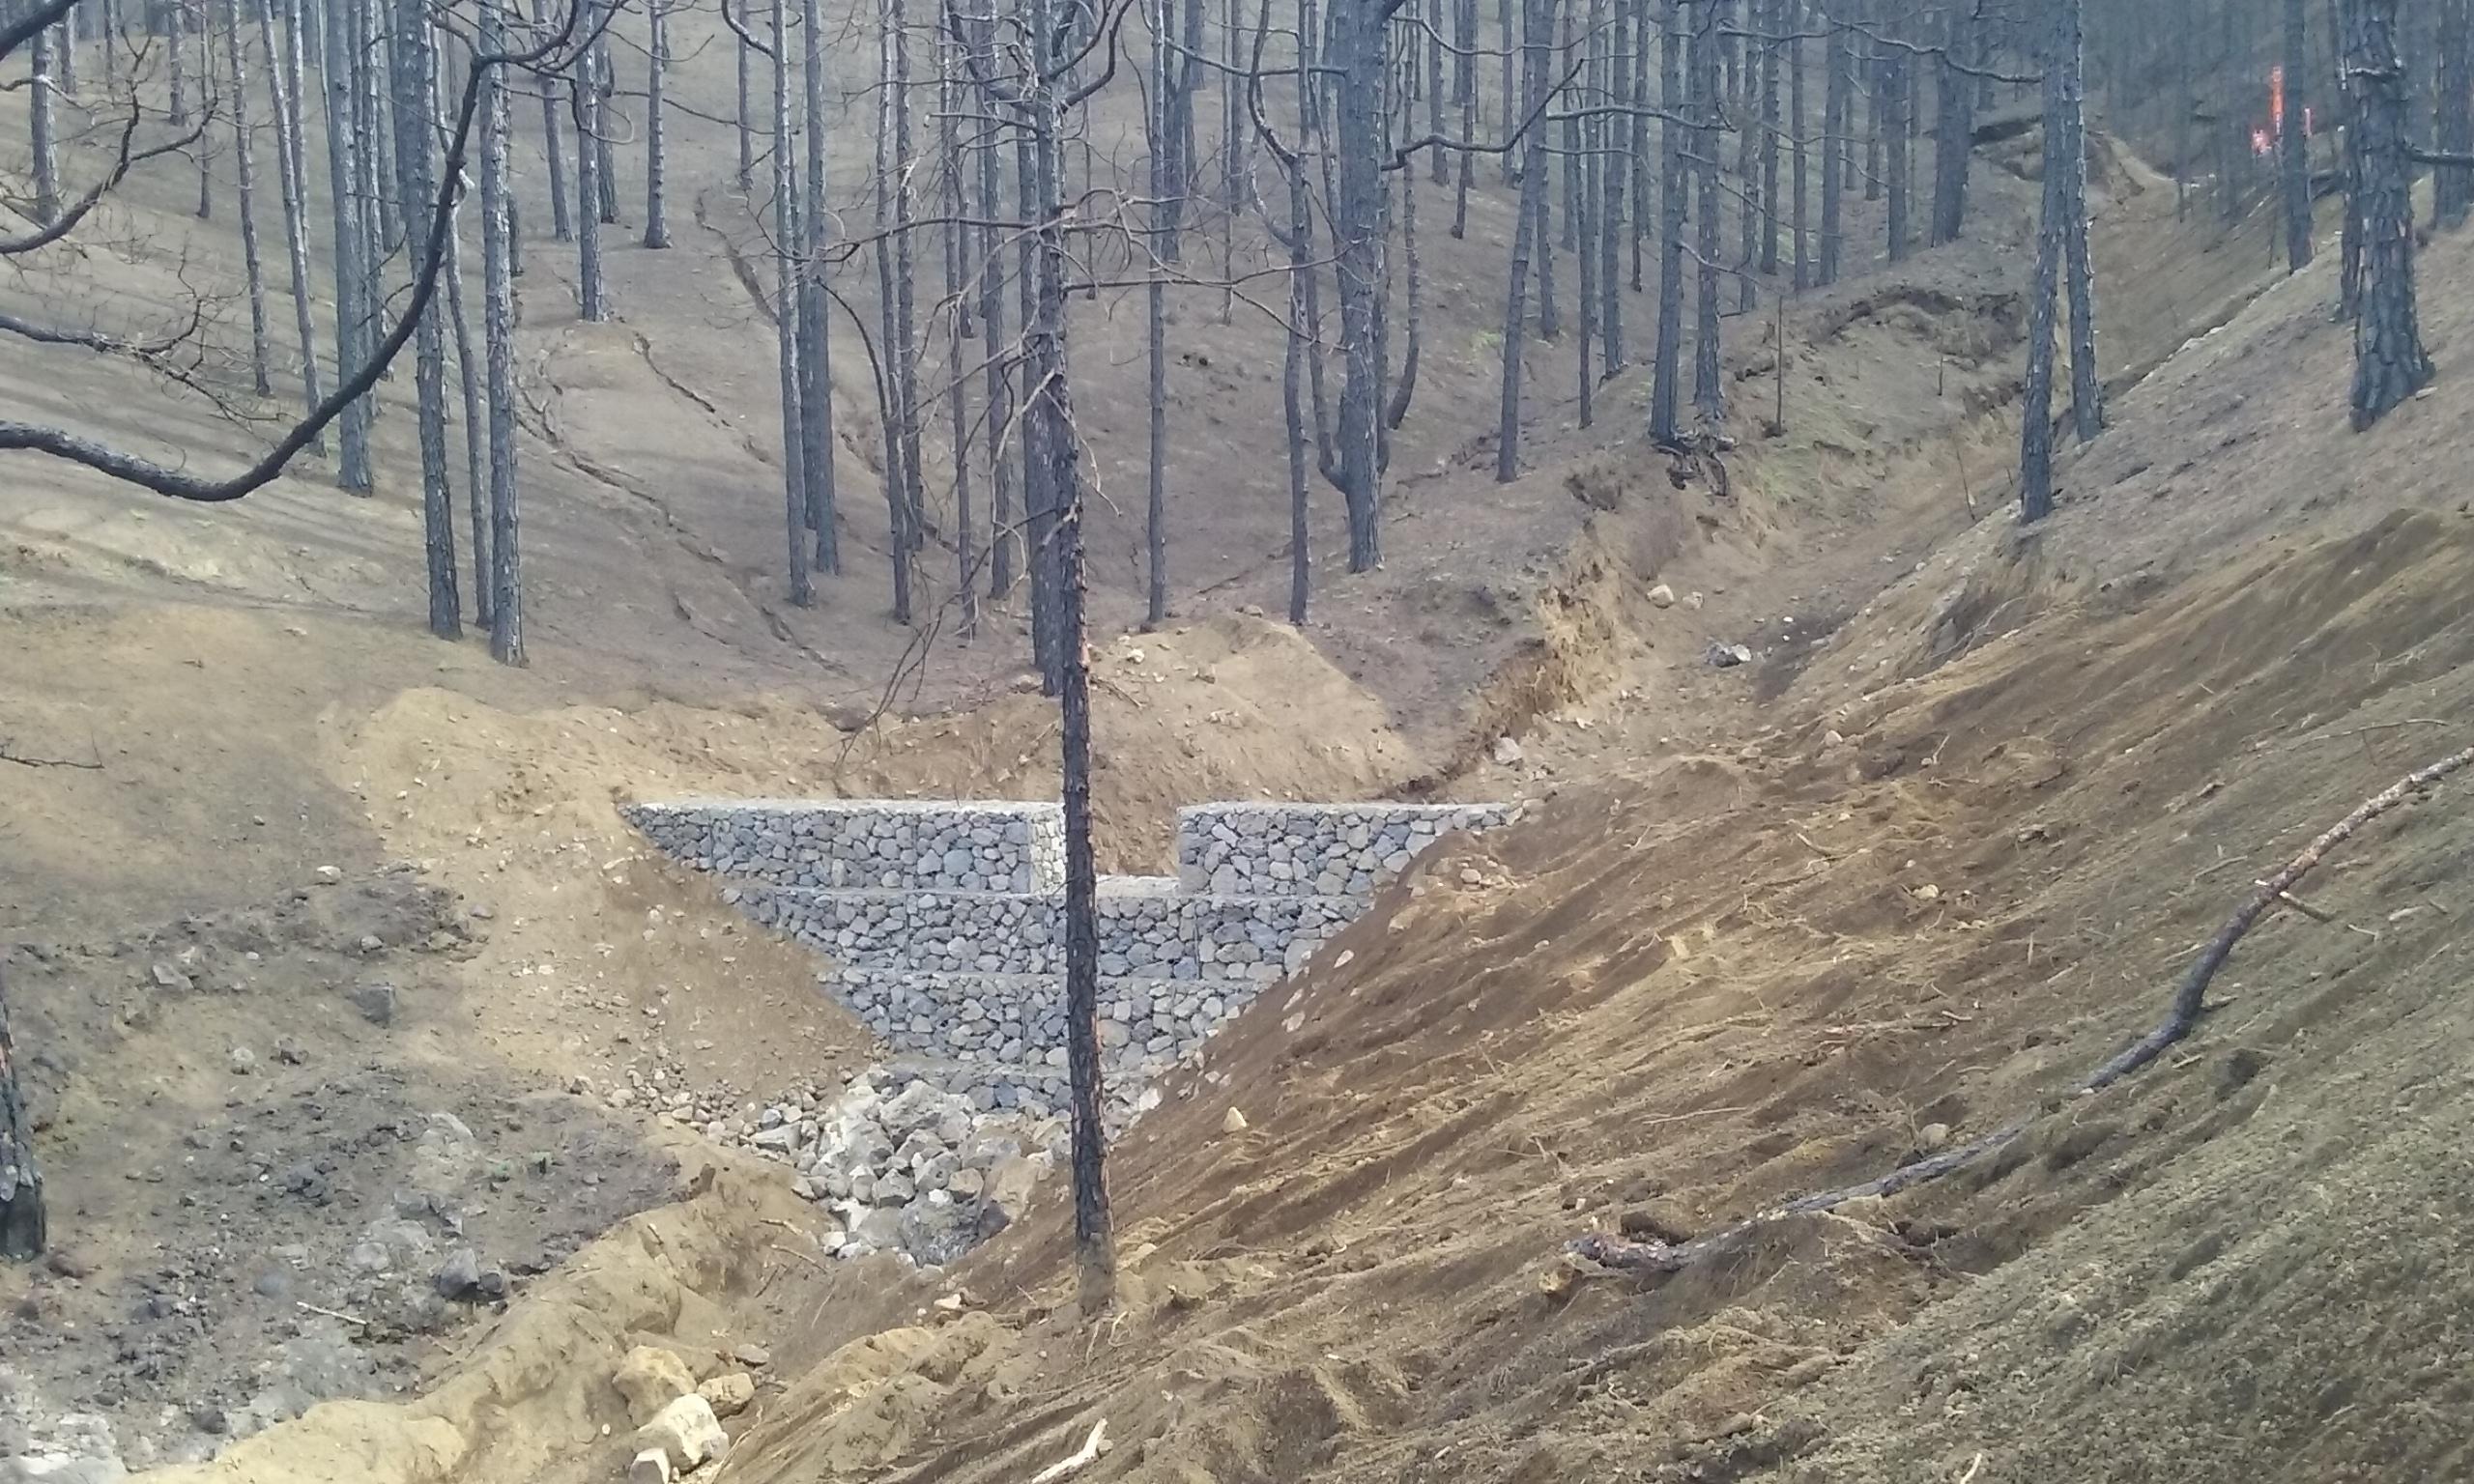 Dique contra erosión levantado en el área incendiada en Pontevedra el pasado octubre. Imagen: Mapama